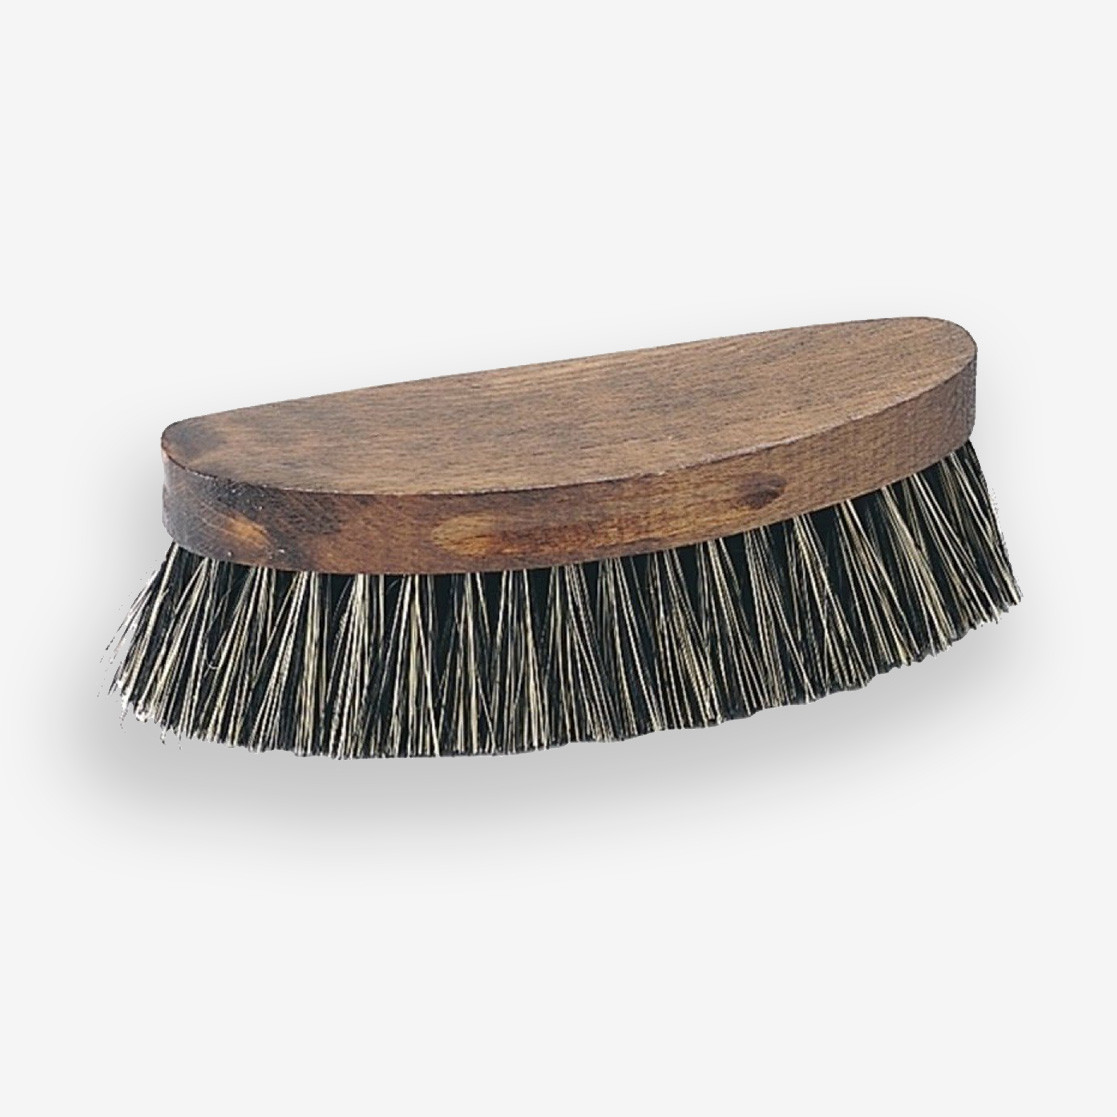 Furniture Polishing Brushes